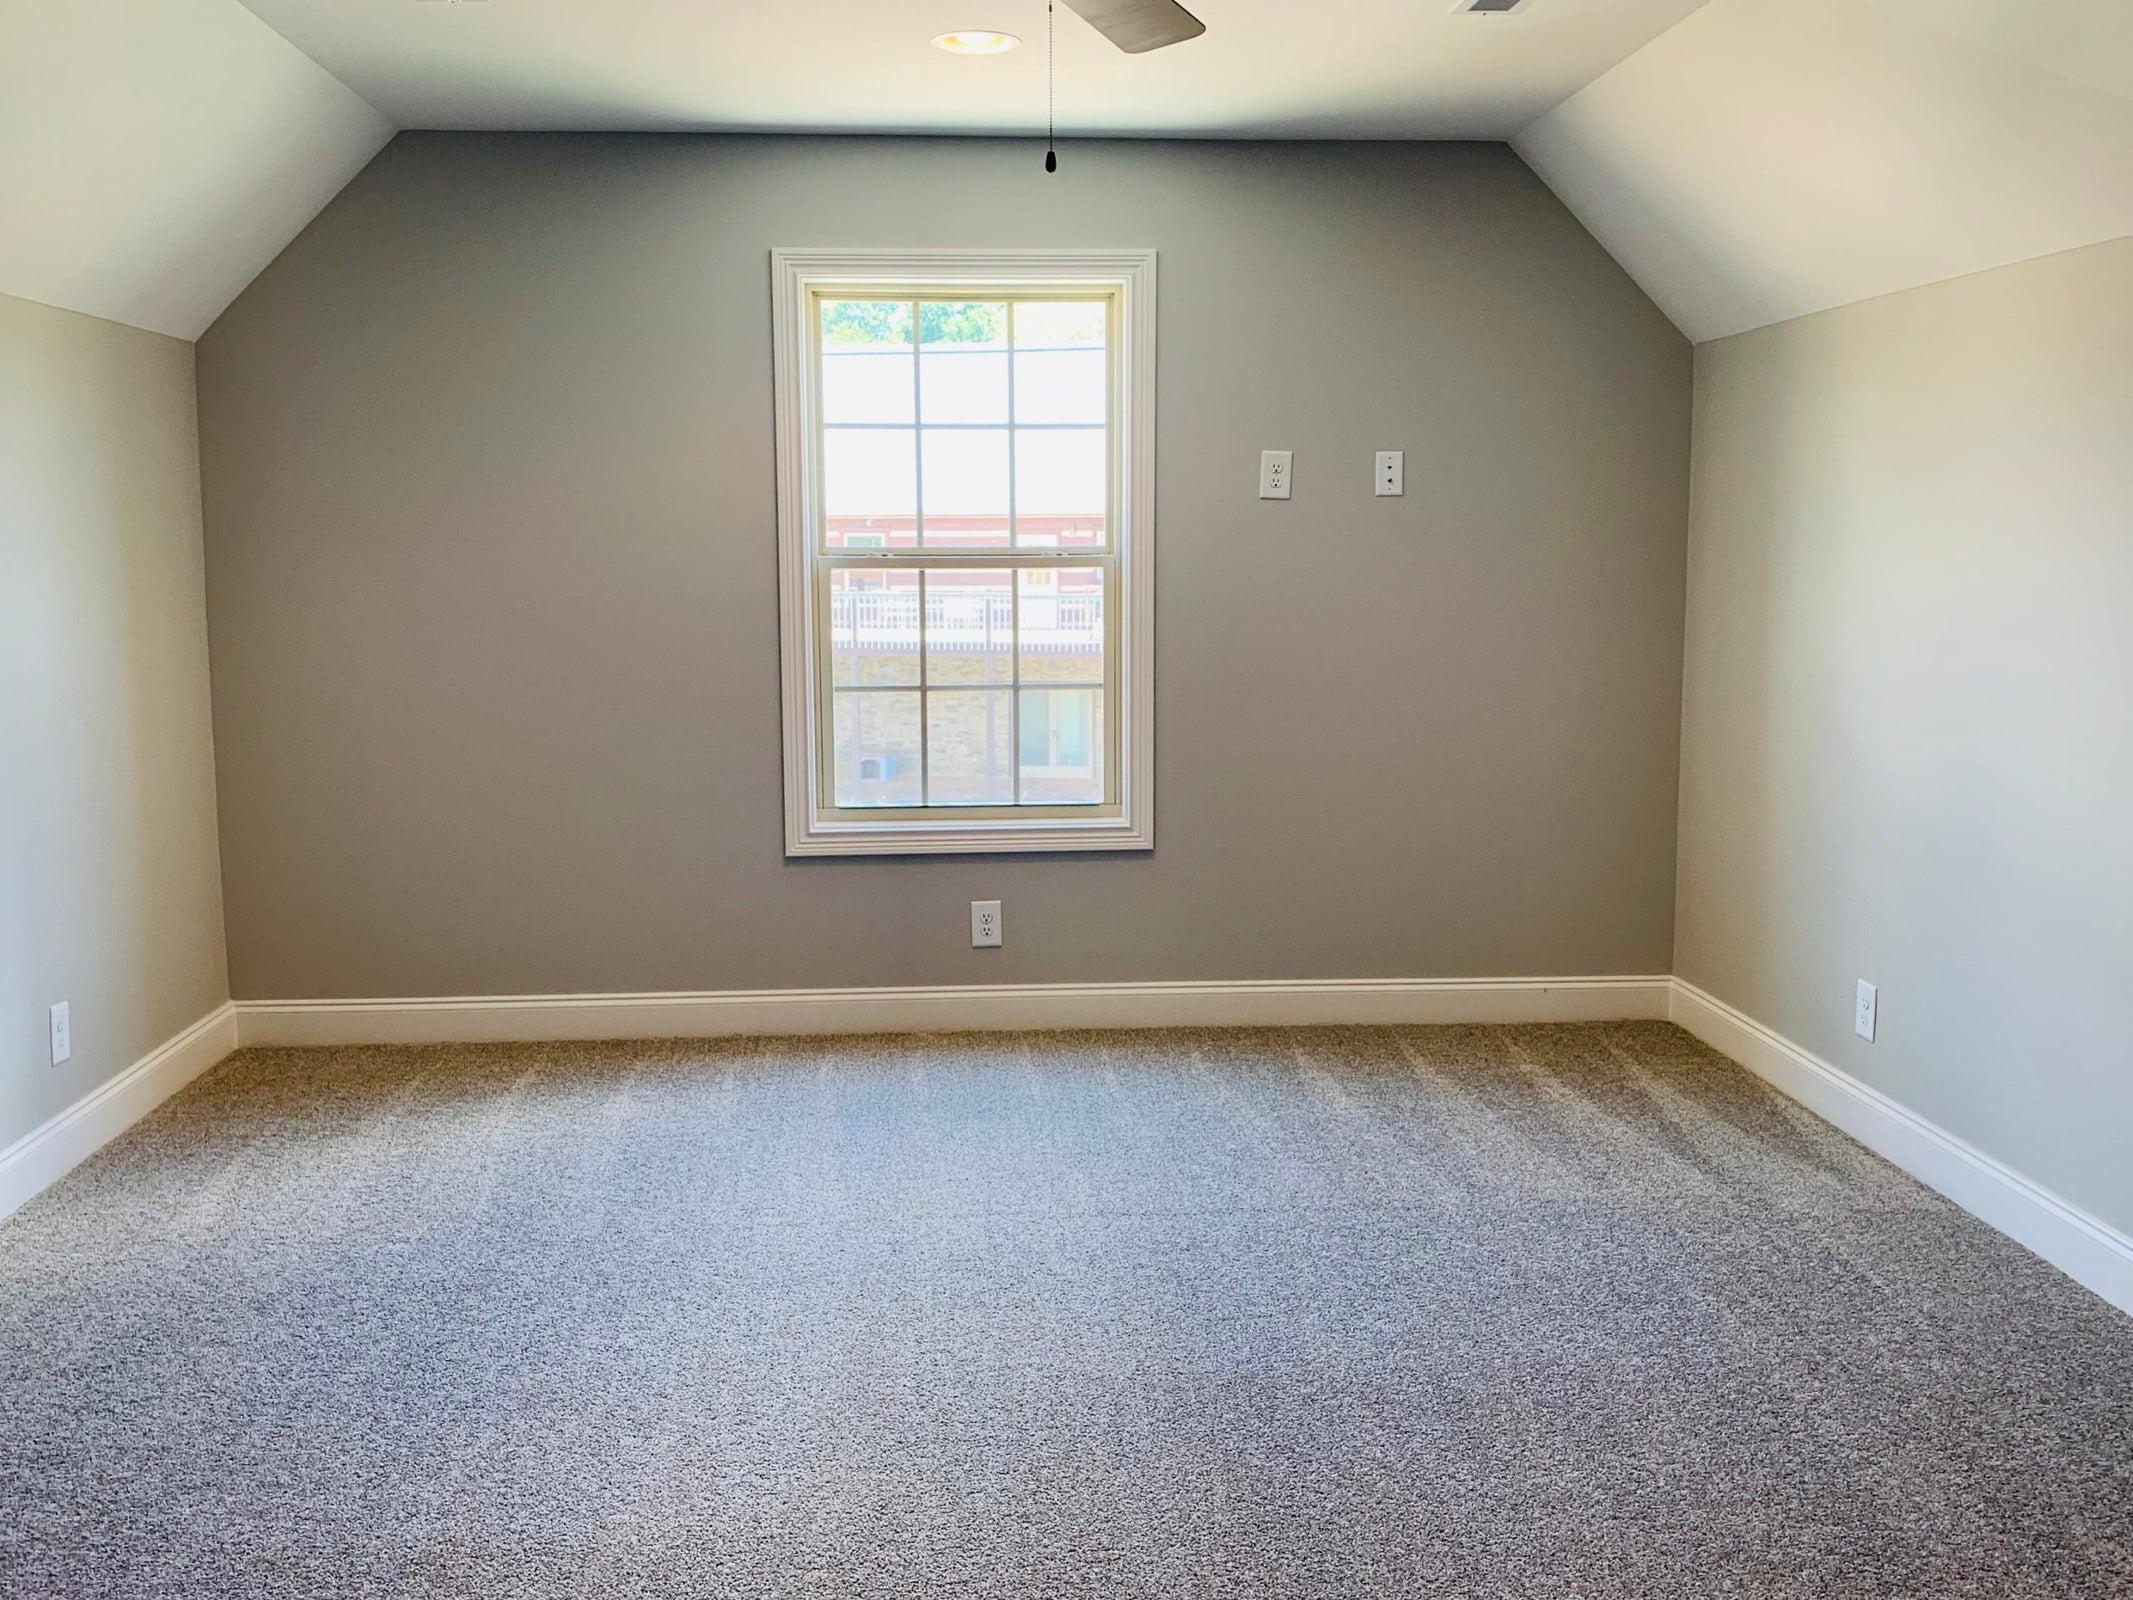 Bedroom 4 or Bonus Room